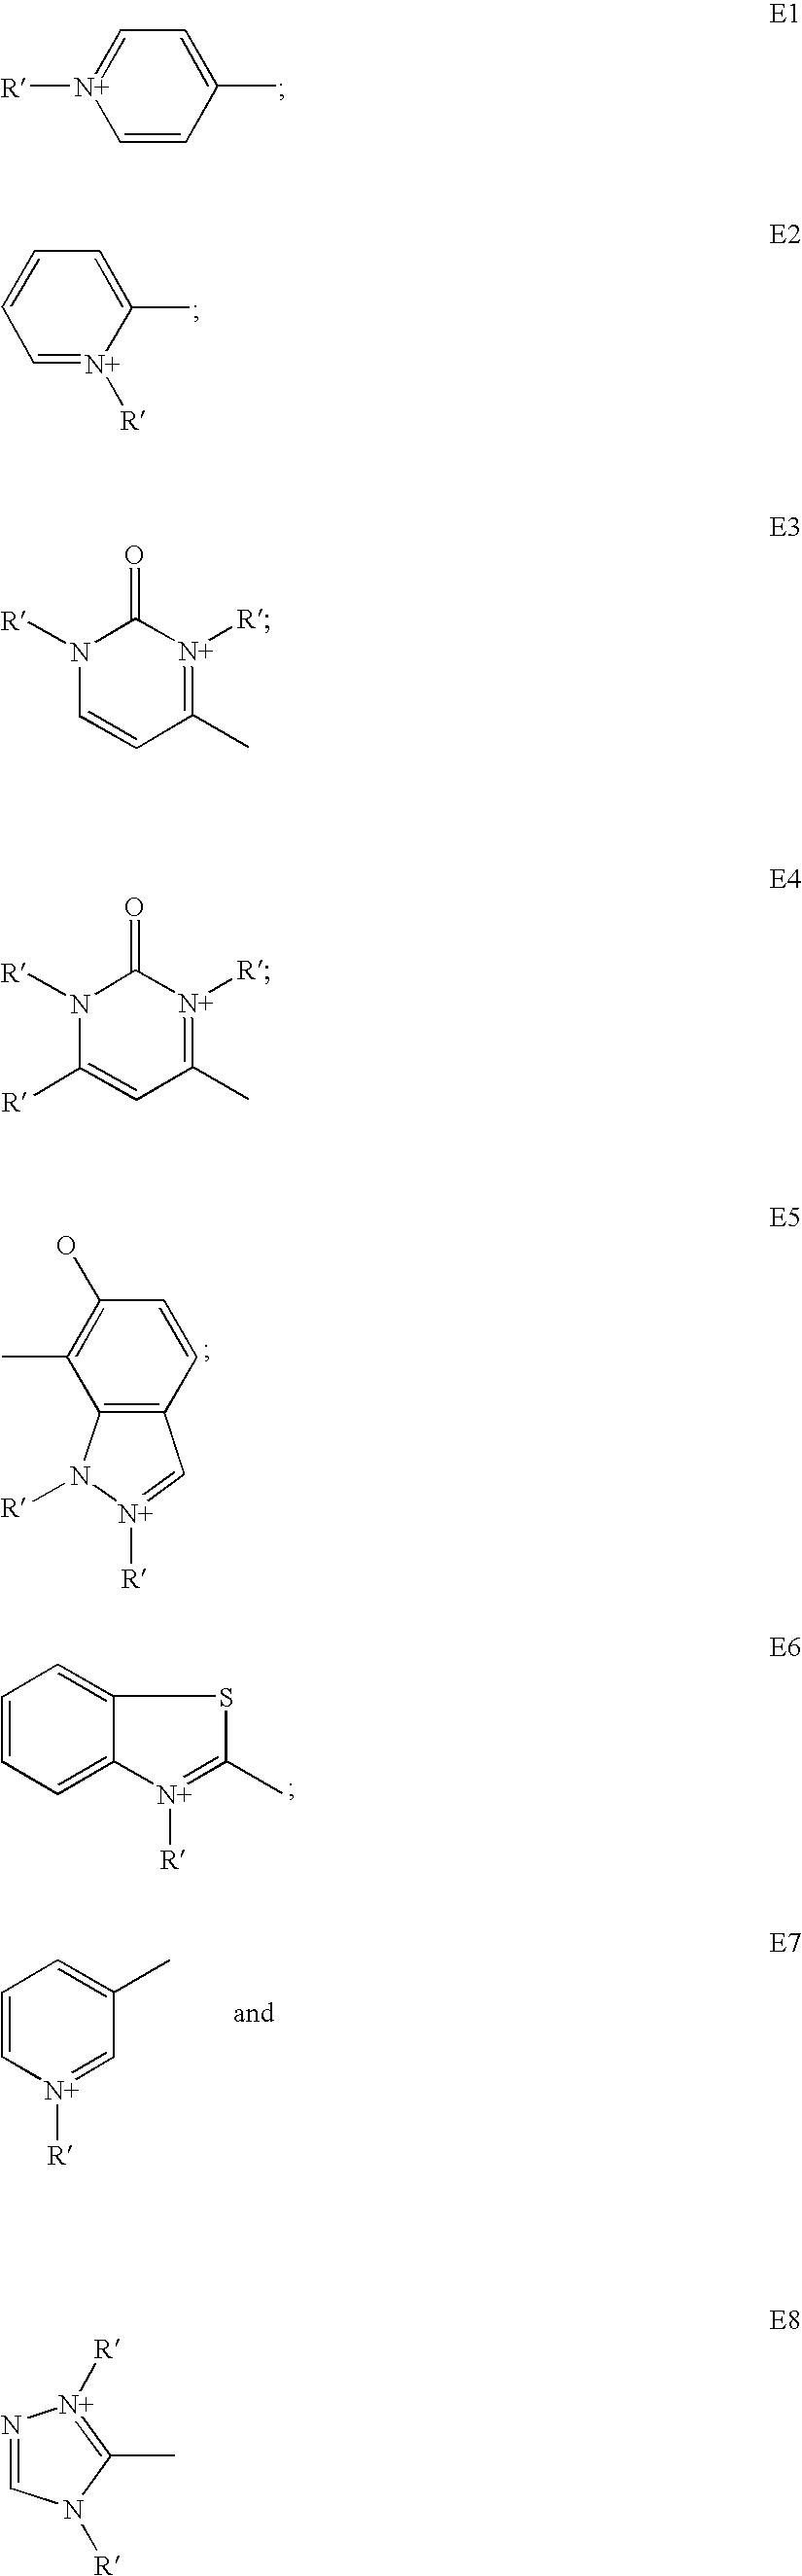 Figure US07582121-20090901-C00031